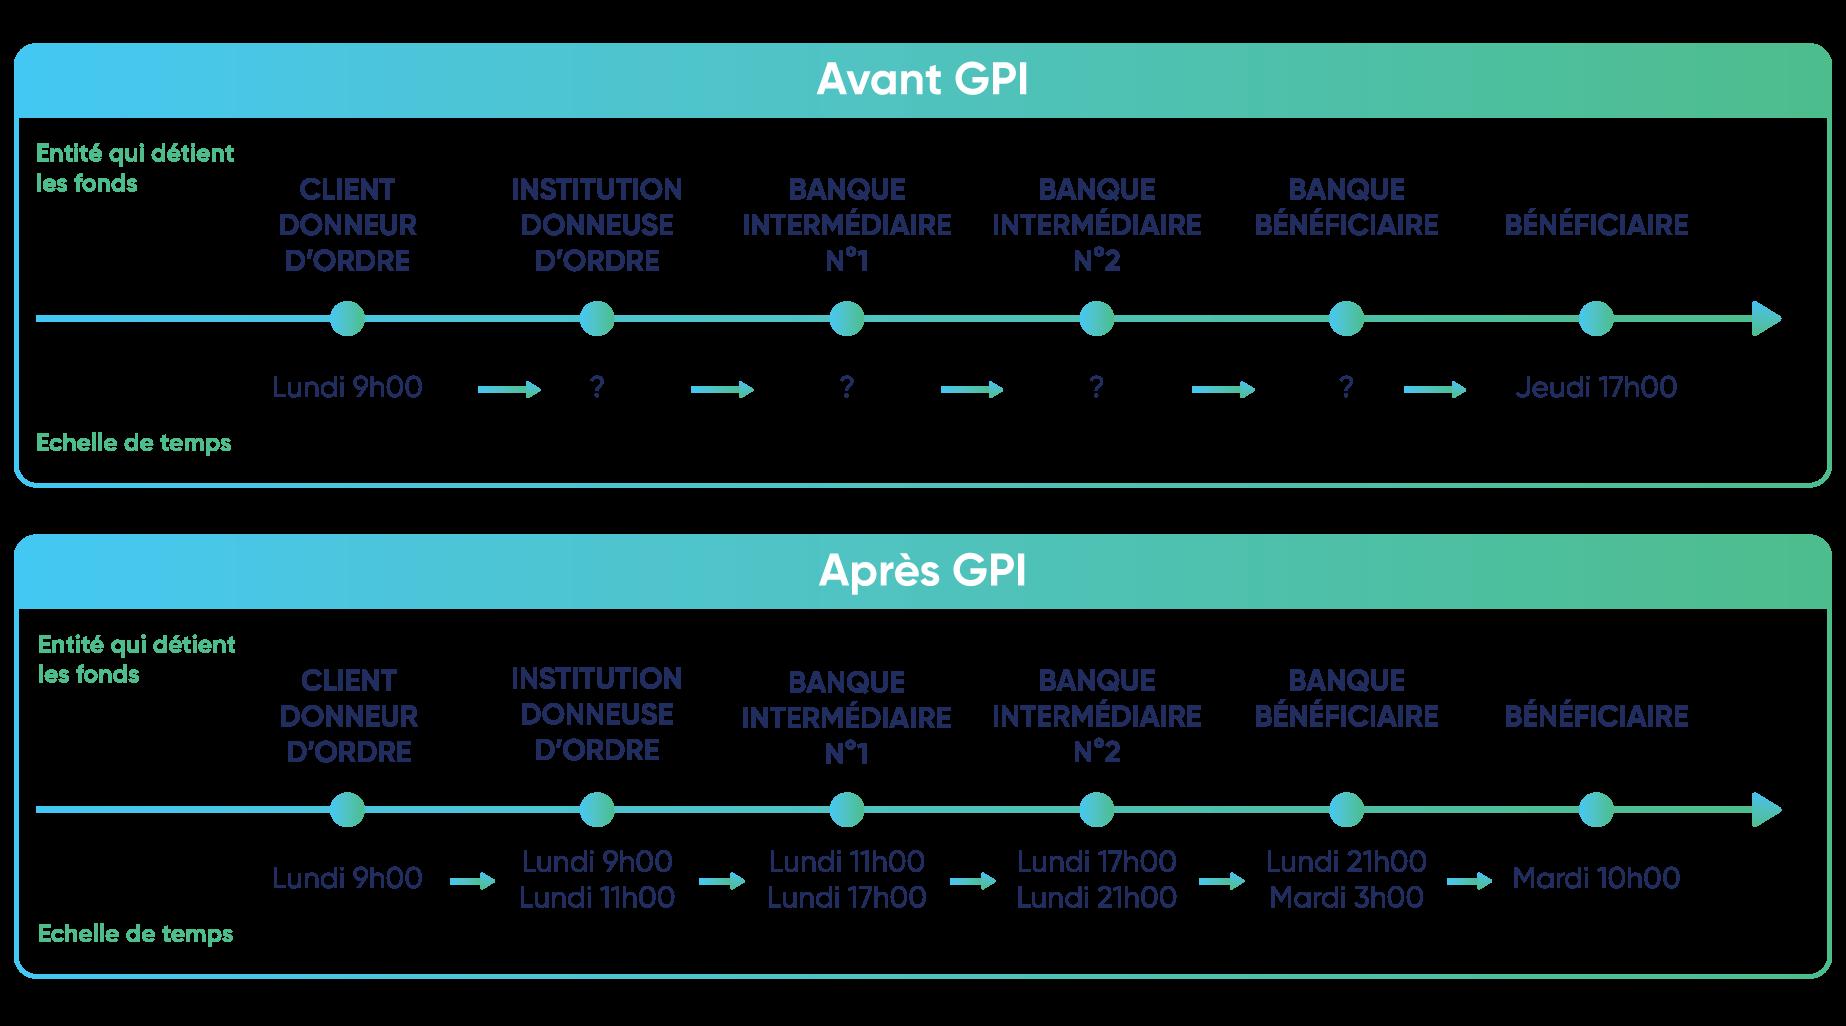 GPI Avant-apres-01.png